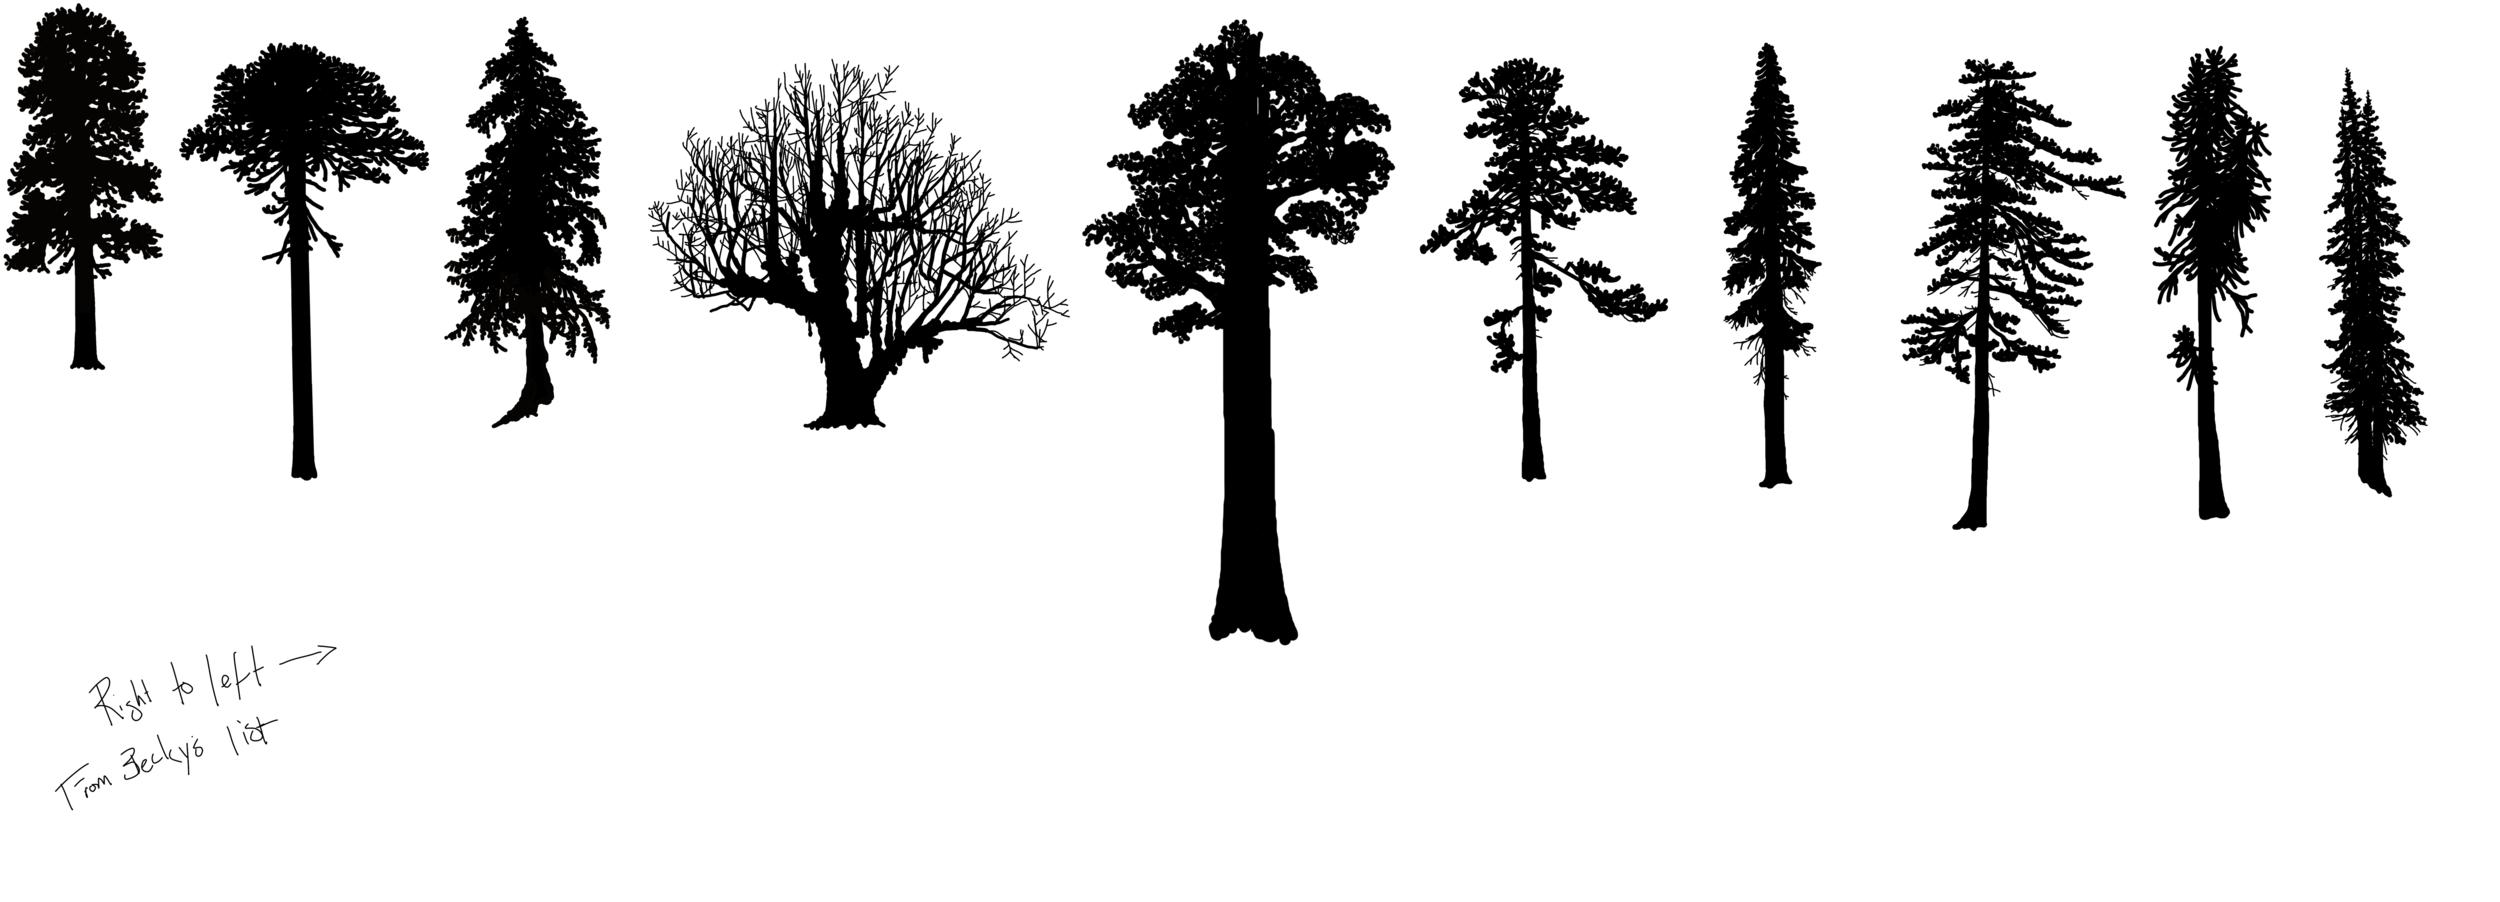 hoyt trees conifer.png